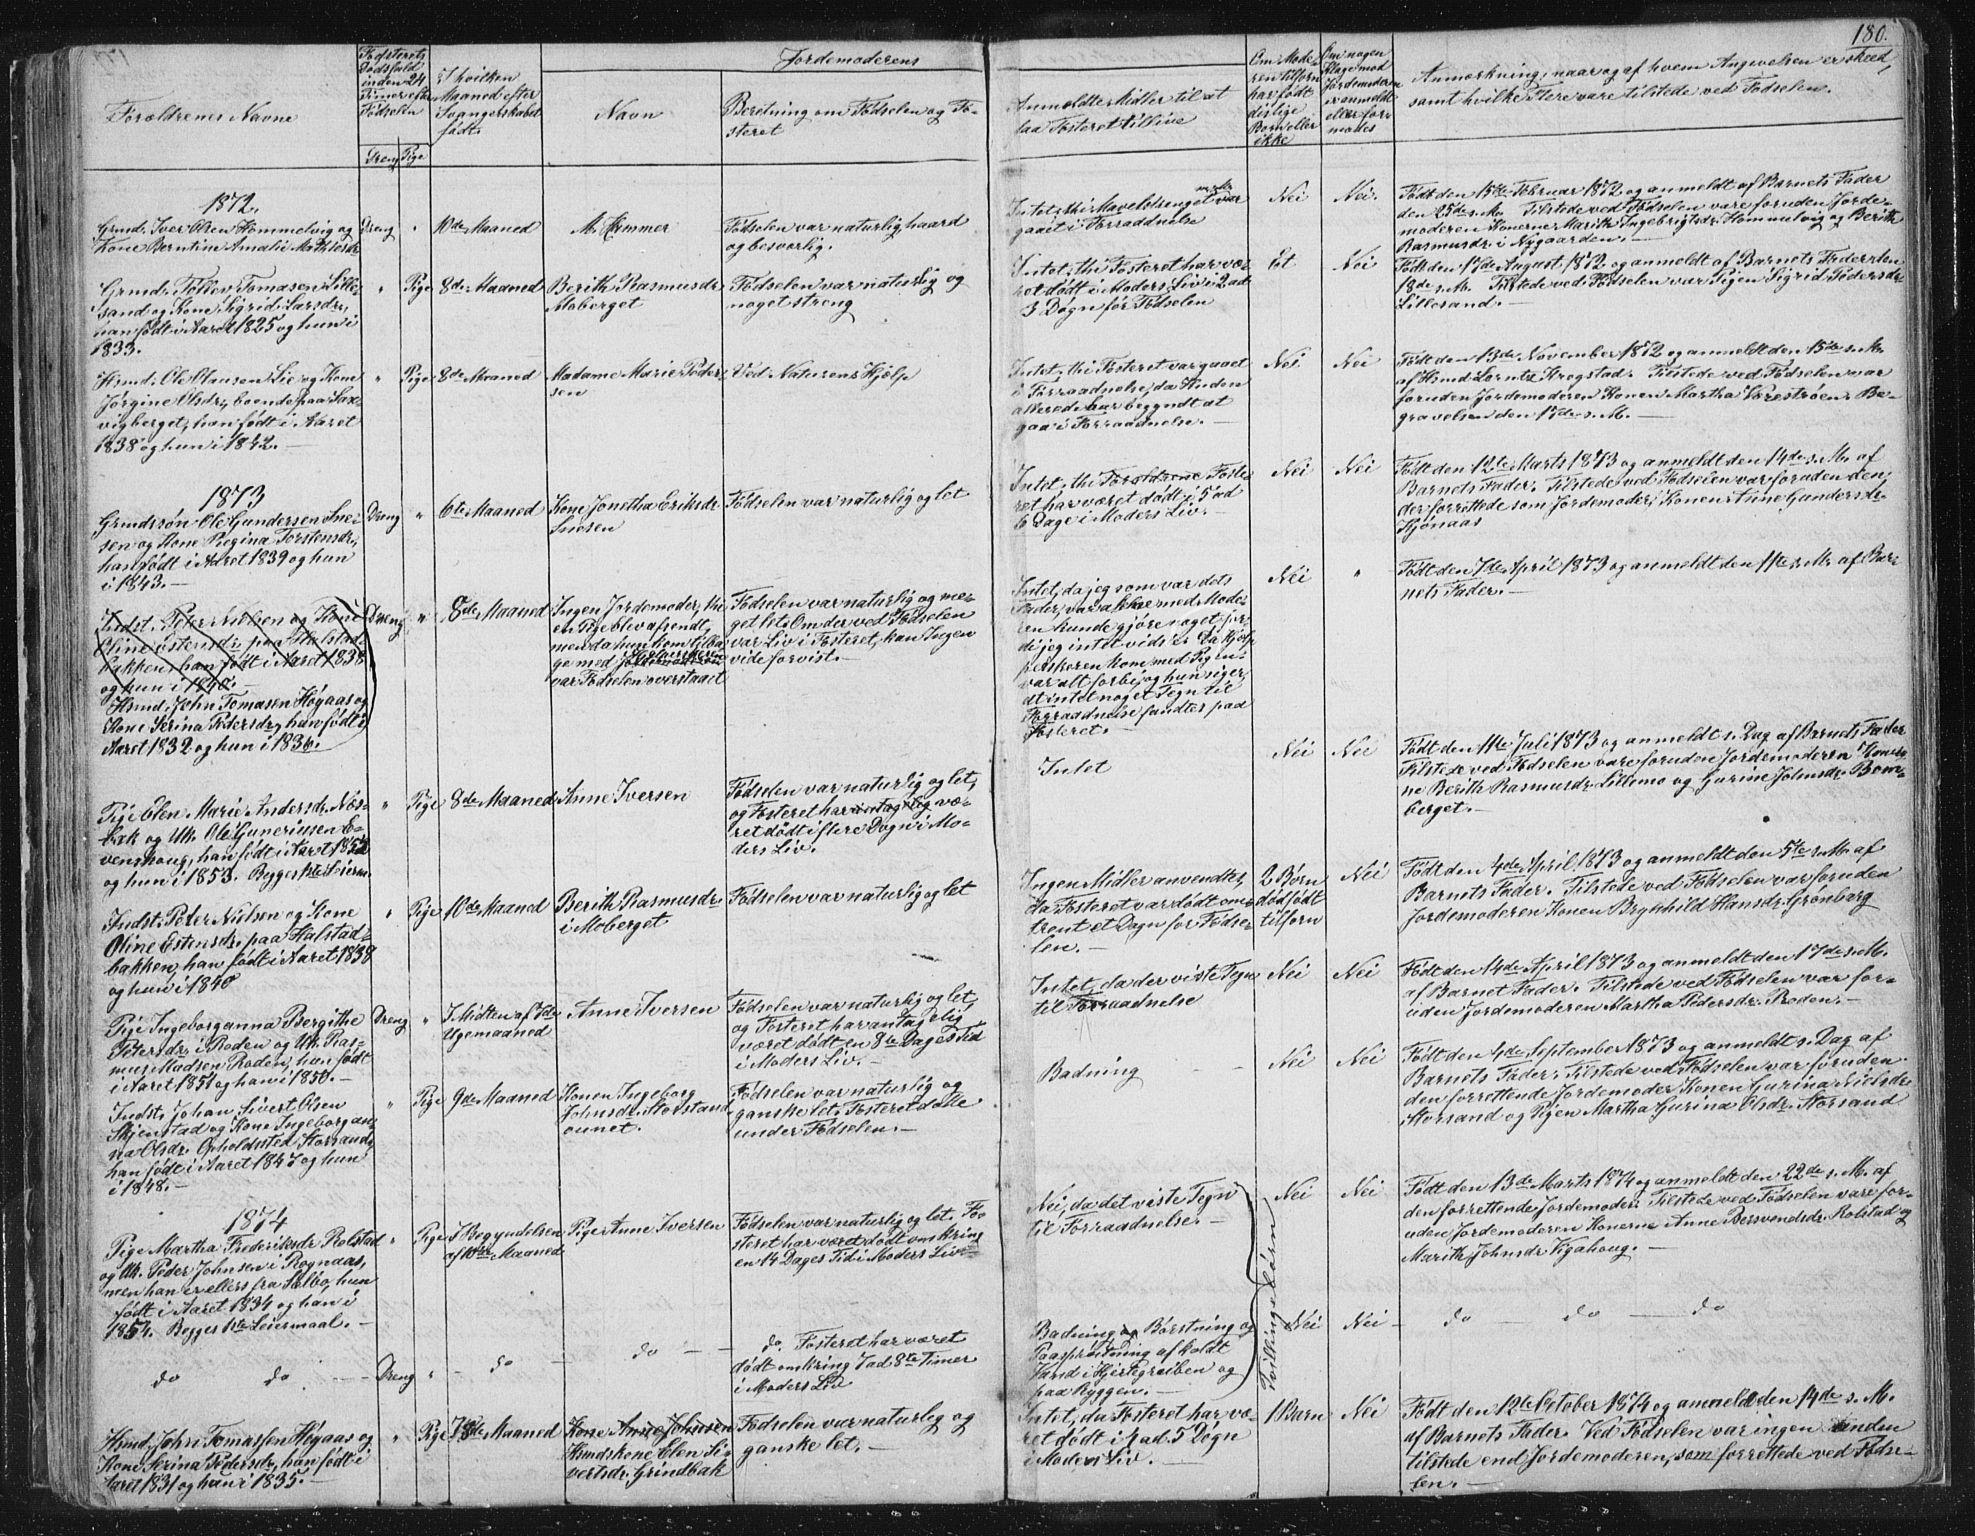 SAT, Ministerialprotokoller, klokkerbøker og fødselsregistre - Sør-Trøndelag, 616/L0406: Ministerialbok nr. 616A03, 1843-1879, s. 180